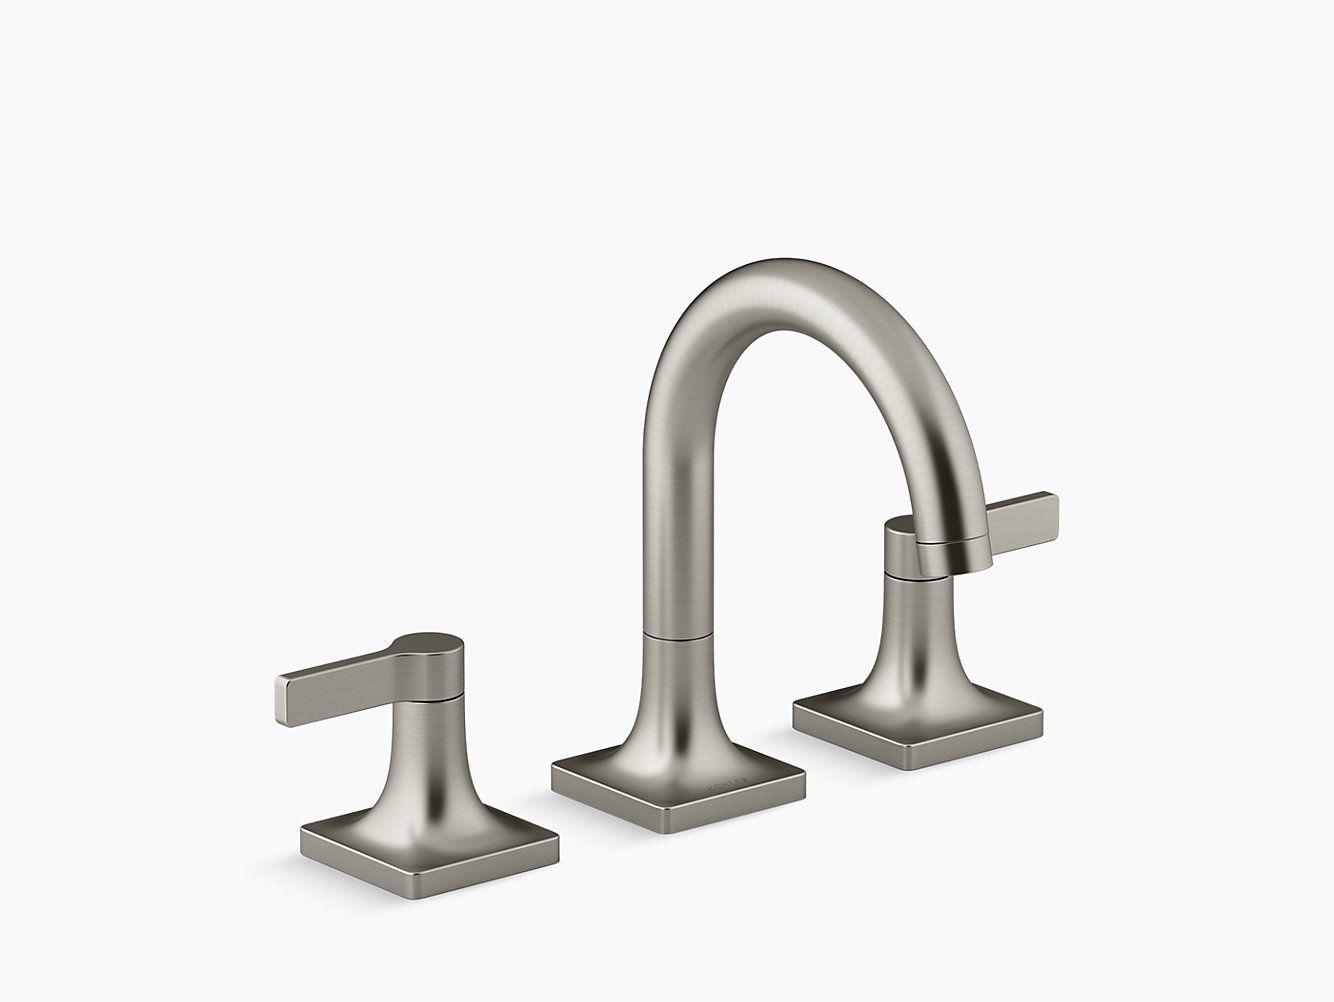 K R22798 4d Venza Widespread Bathroom Sink Faucet Kohler Sink Faucets Bathroom Sink Faucets Bathroom Sink